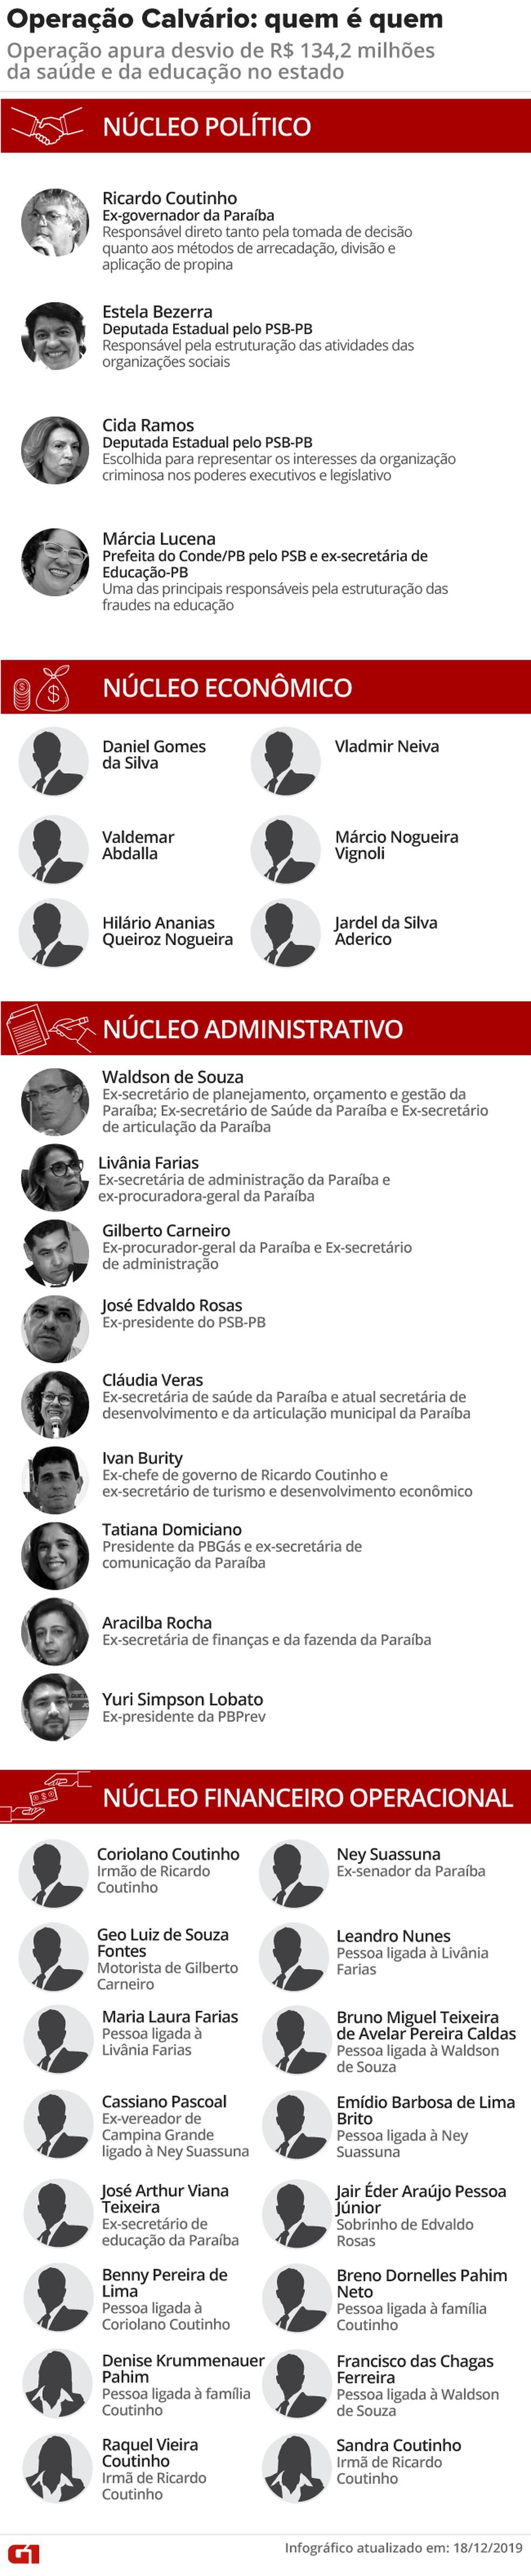 'Calvário': MP identificou núcleos e Ricardo Coutinho como chefe de suposta organização criminosa — Foto: Arte/G1